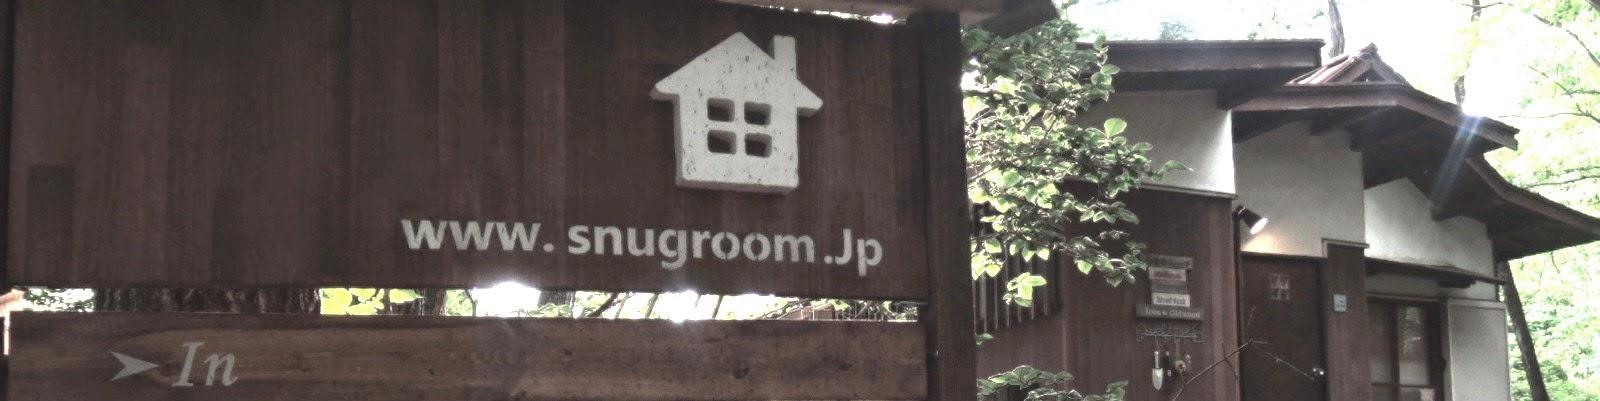 Snug Roomのホームページ